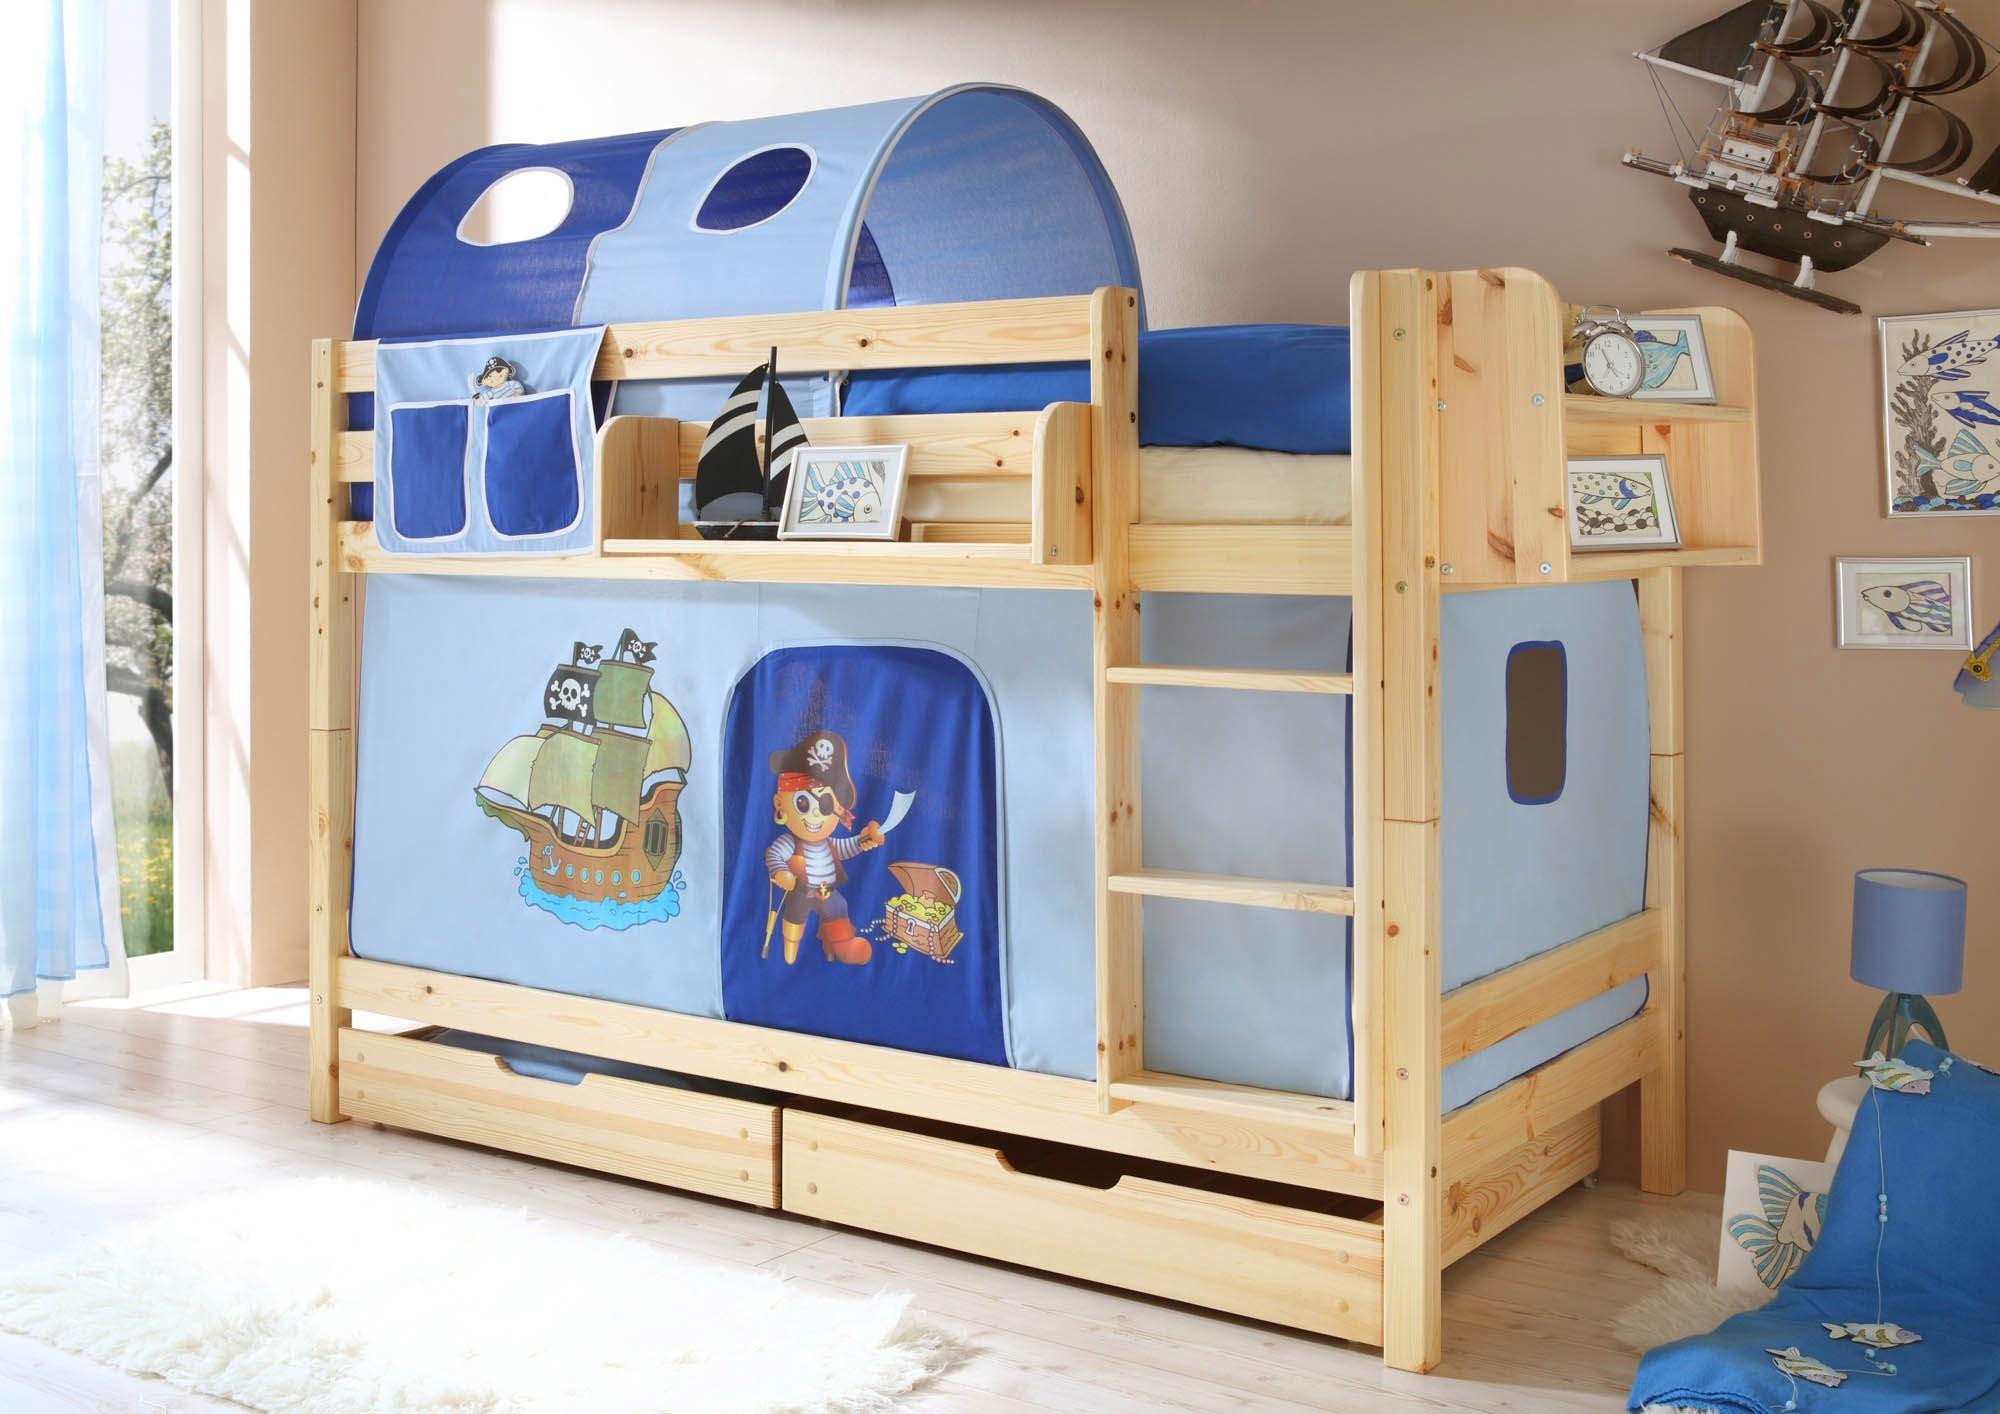 Etagenbett Xora : Etagenbett xora etagenbetten online kaufen möbel